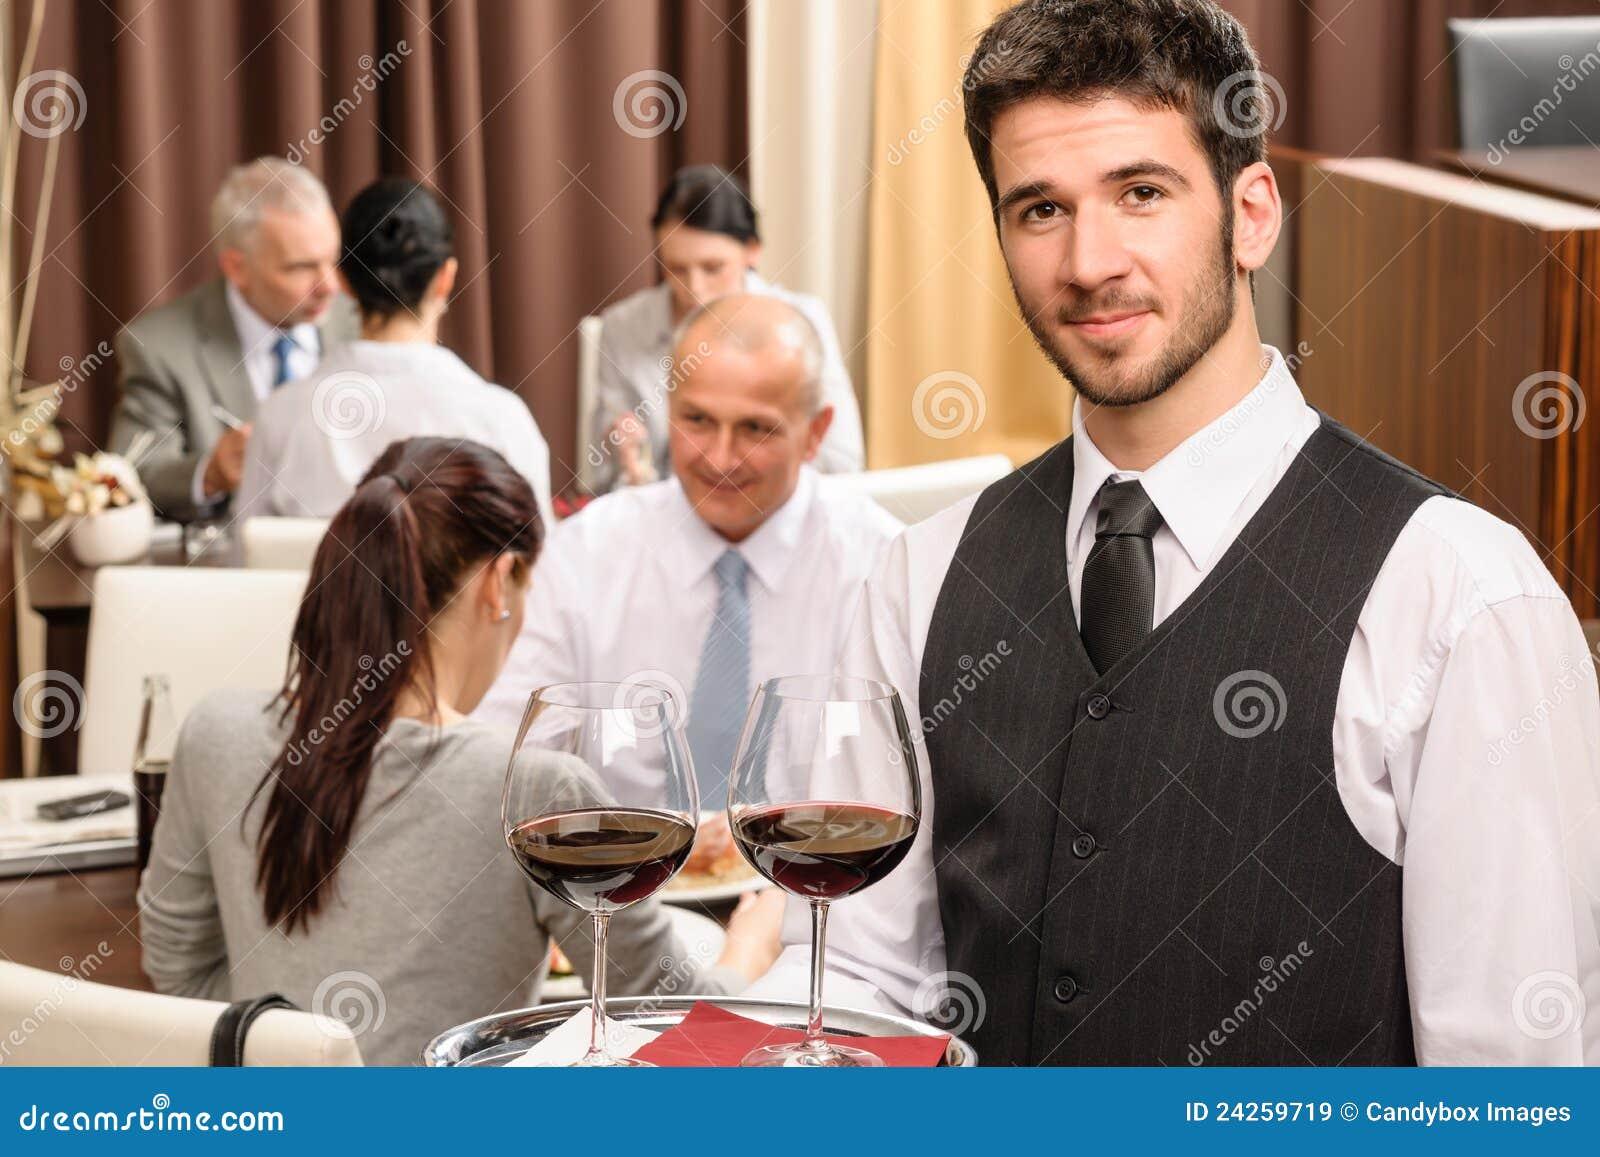 найти официанта в хабаровске